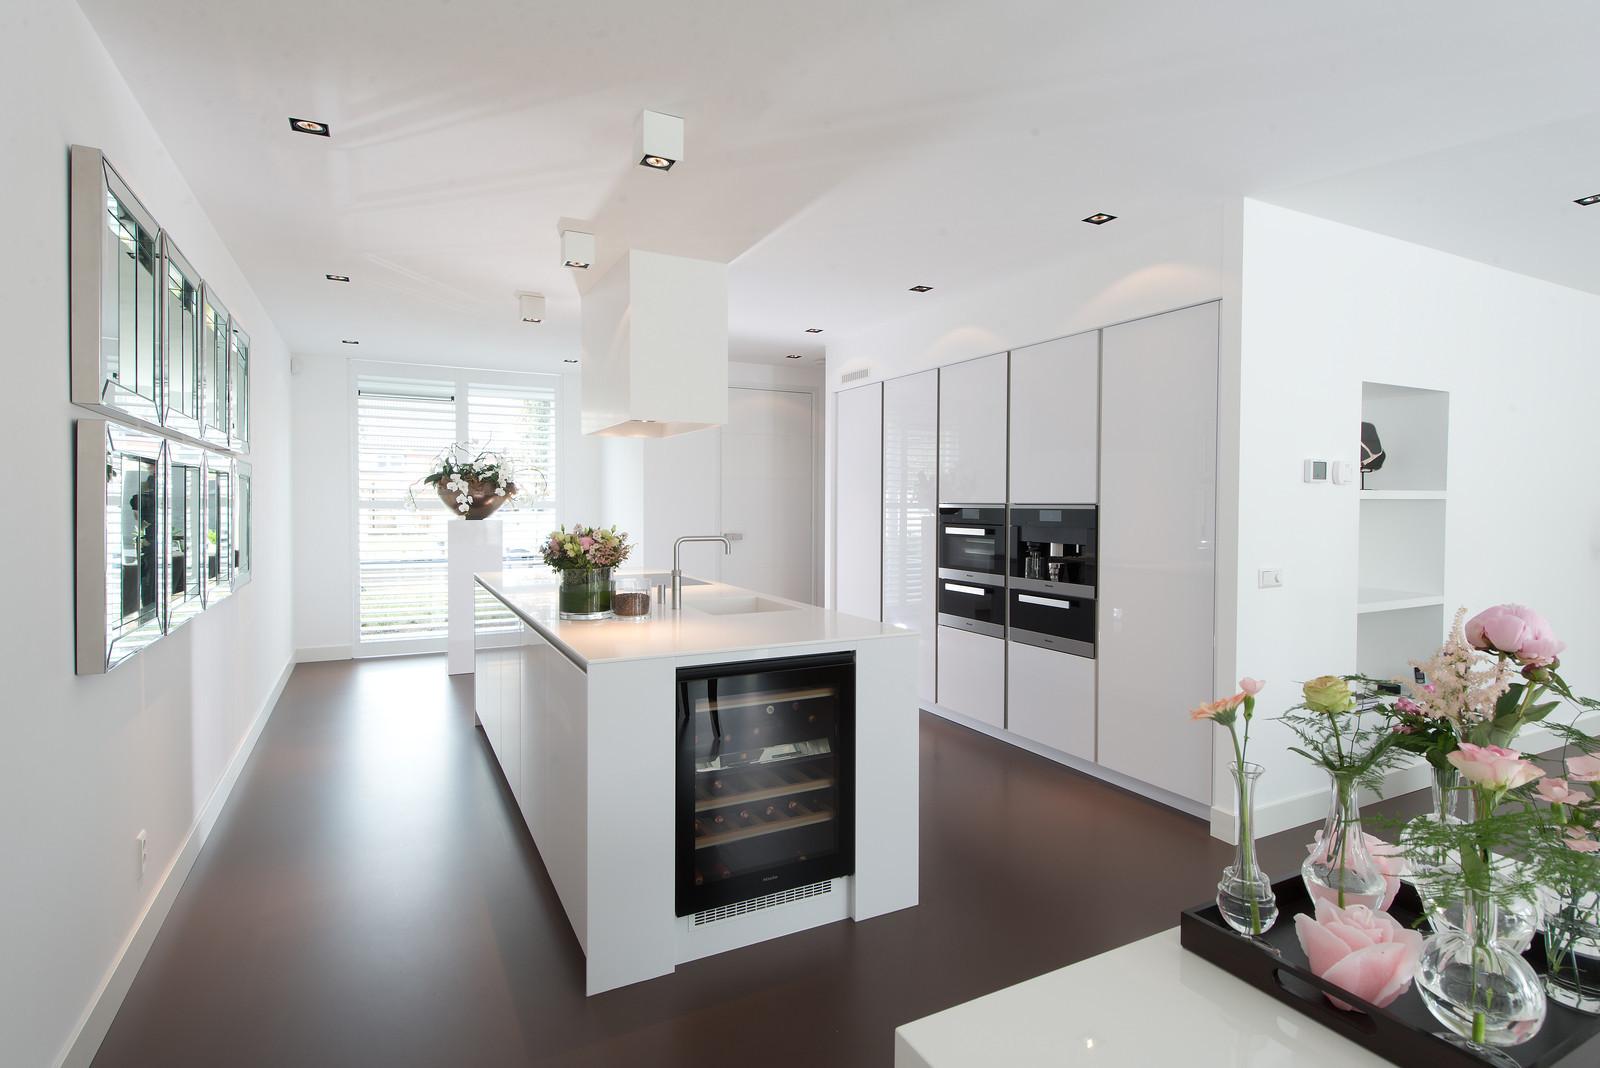 Keuken Greeploos Maken : design keuken – Nieuws Startpagina voor keuken idee?n UW-keuken.nl